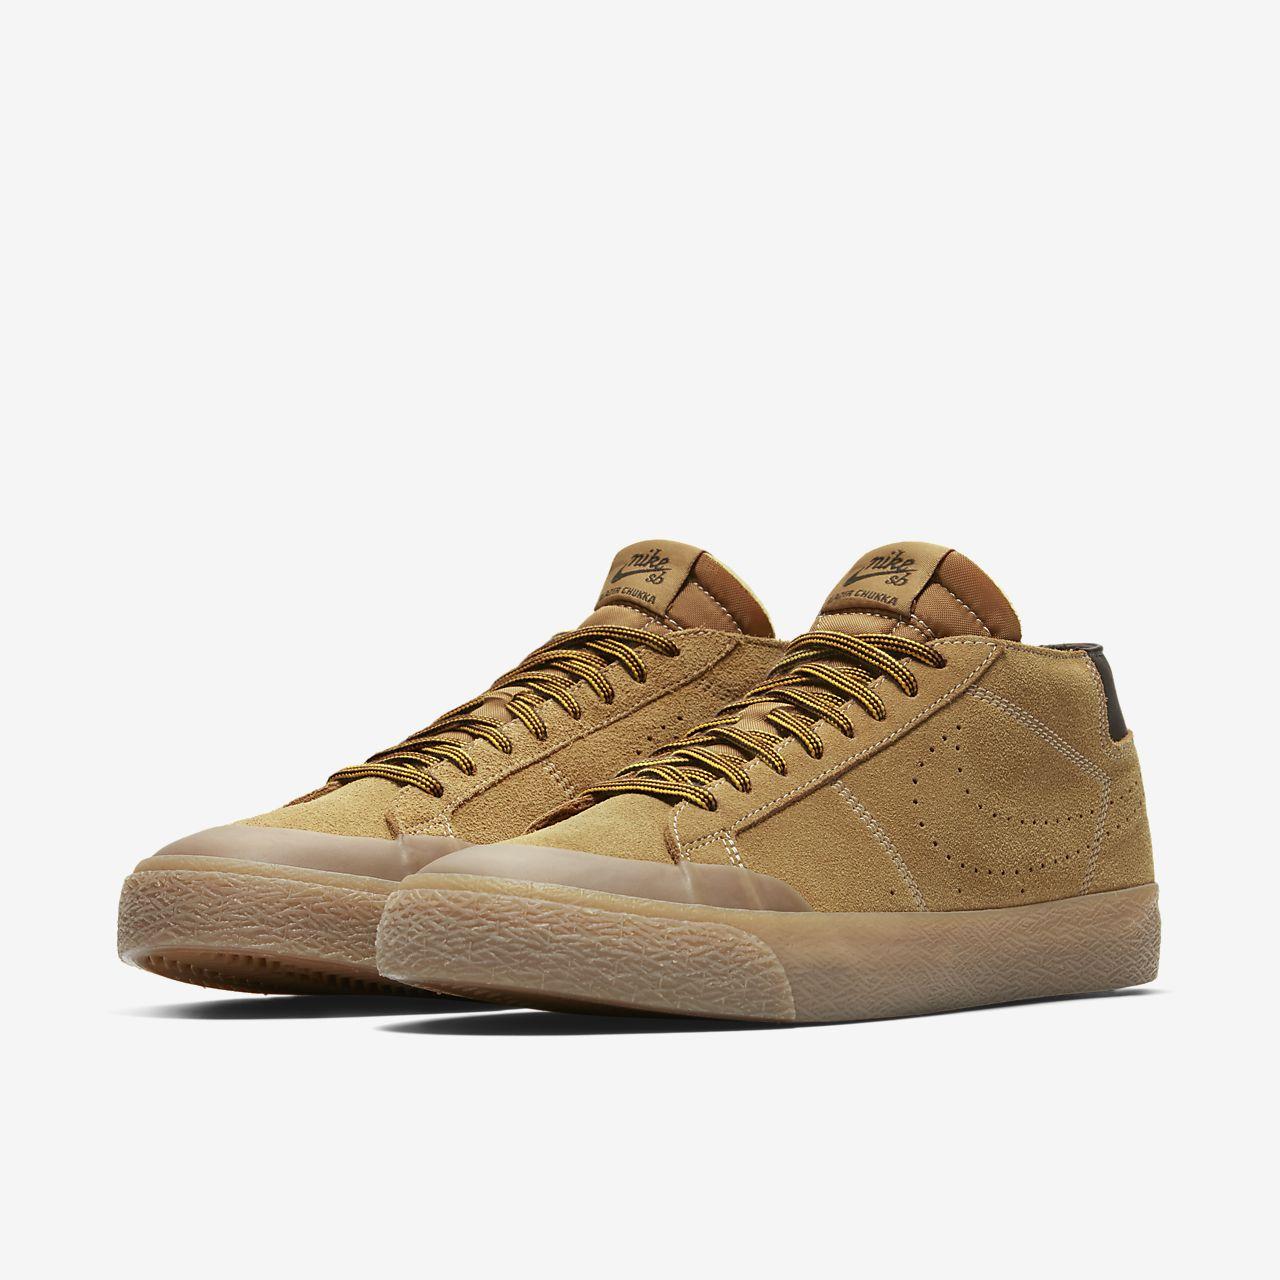 31214b72e4673 Nike SB Zoom Blazer Chukka XT Premium Skate Shoe. Nike.com GB